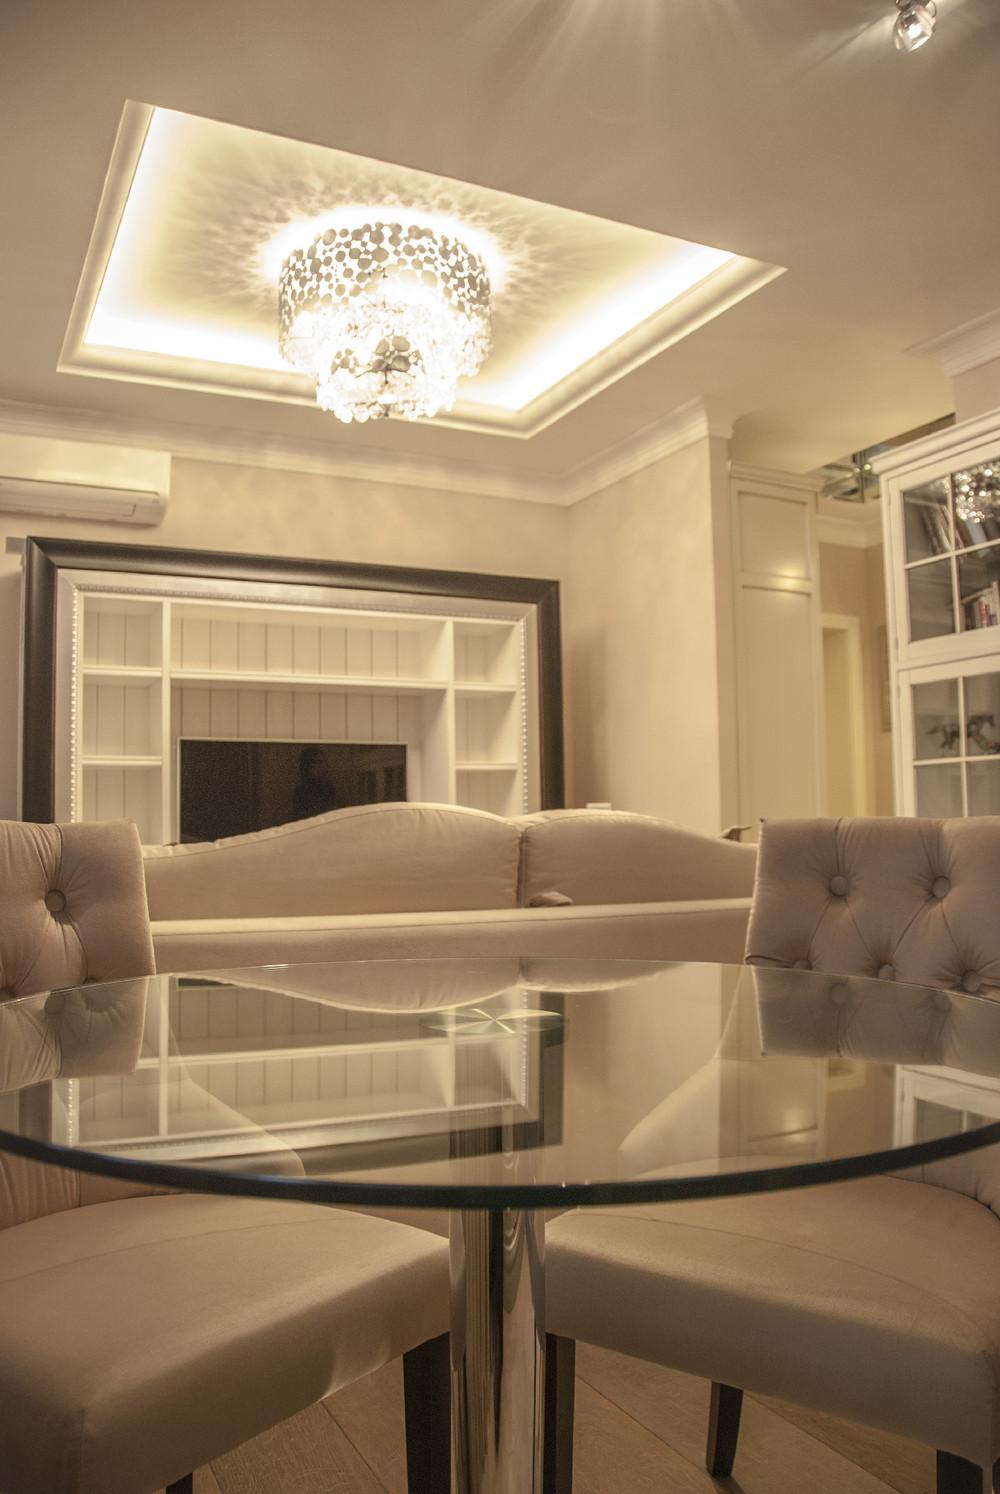 Реализованный проект Холли Голайтли - Classique Chic - Cuisine ...   1494x1000